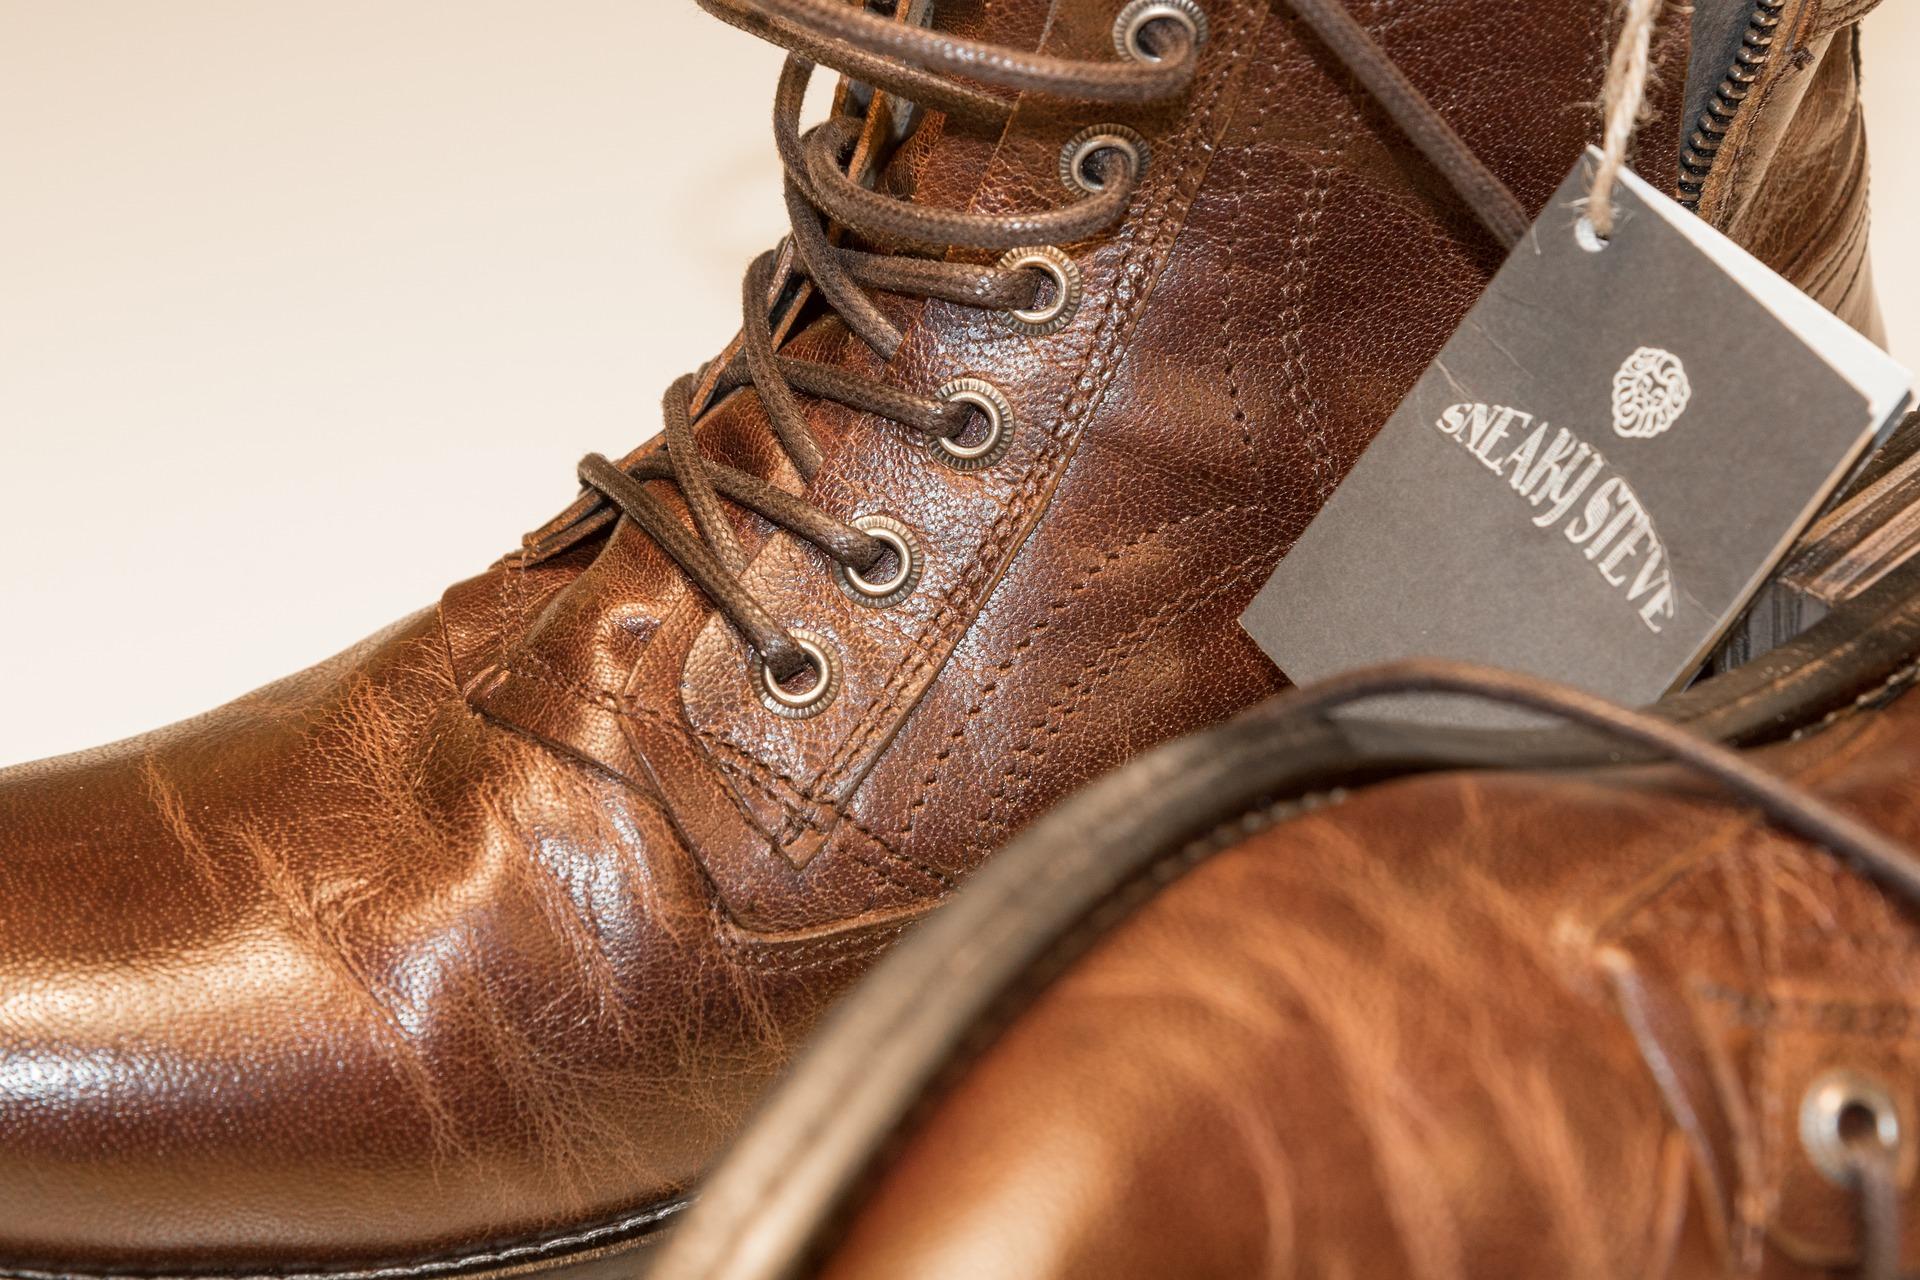 知っているといないとでは差がつく「世界の革製品ブランド」をご紹介!